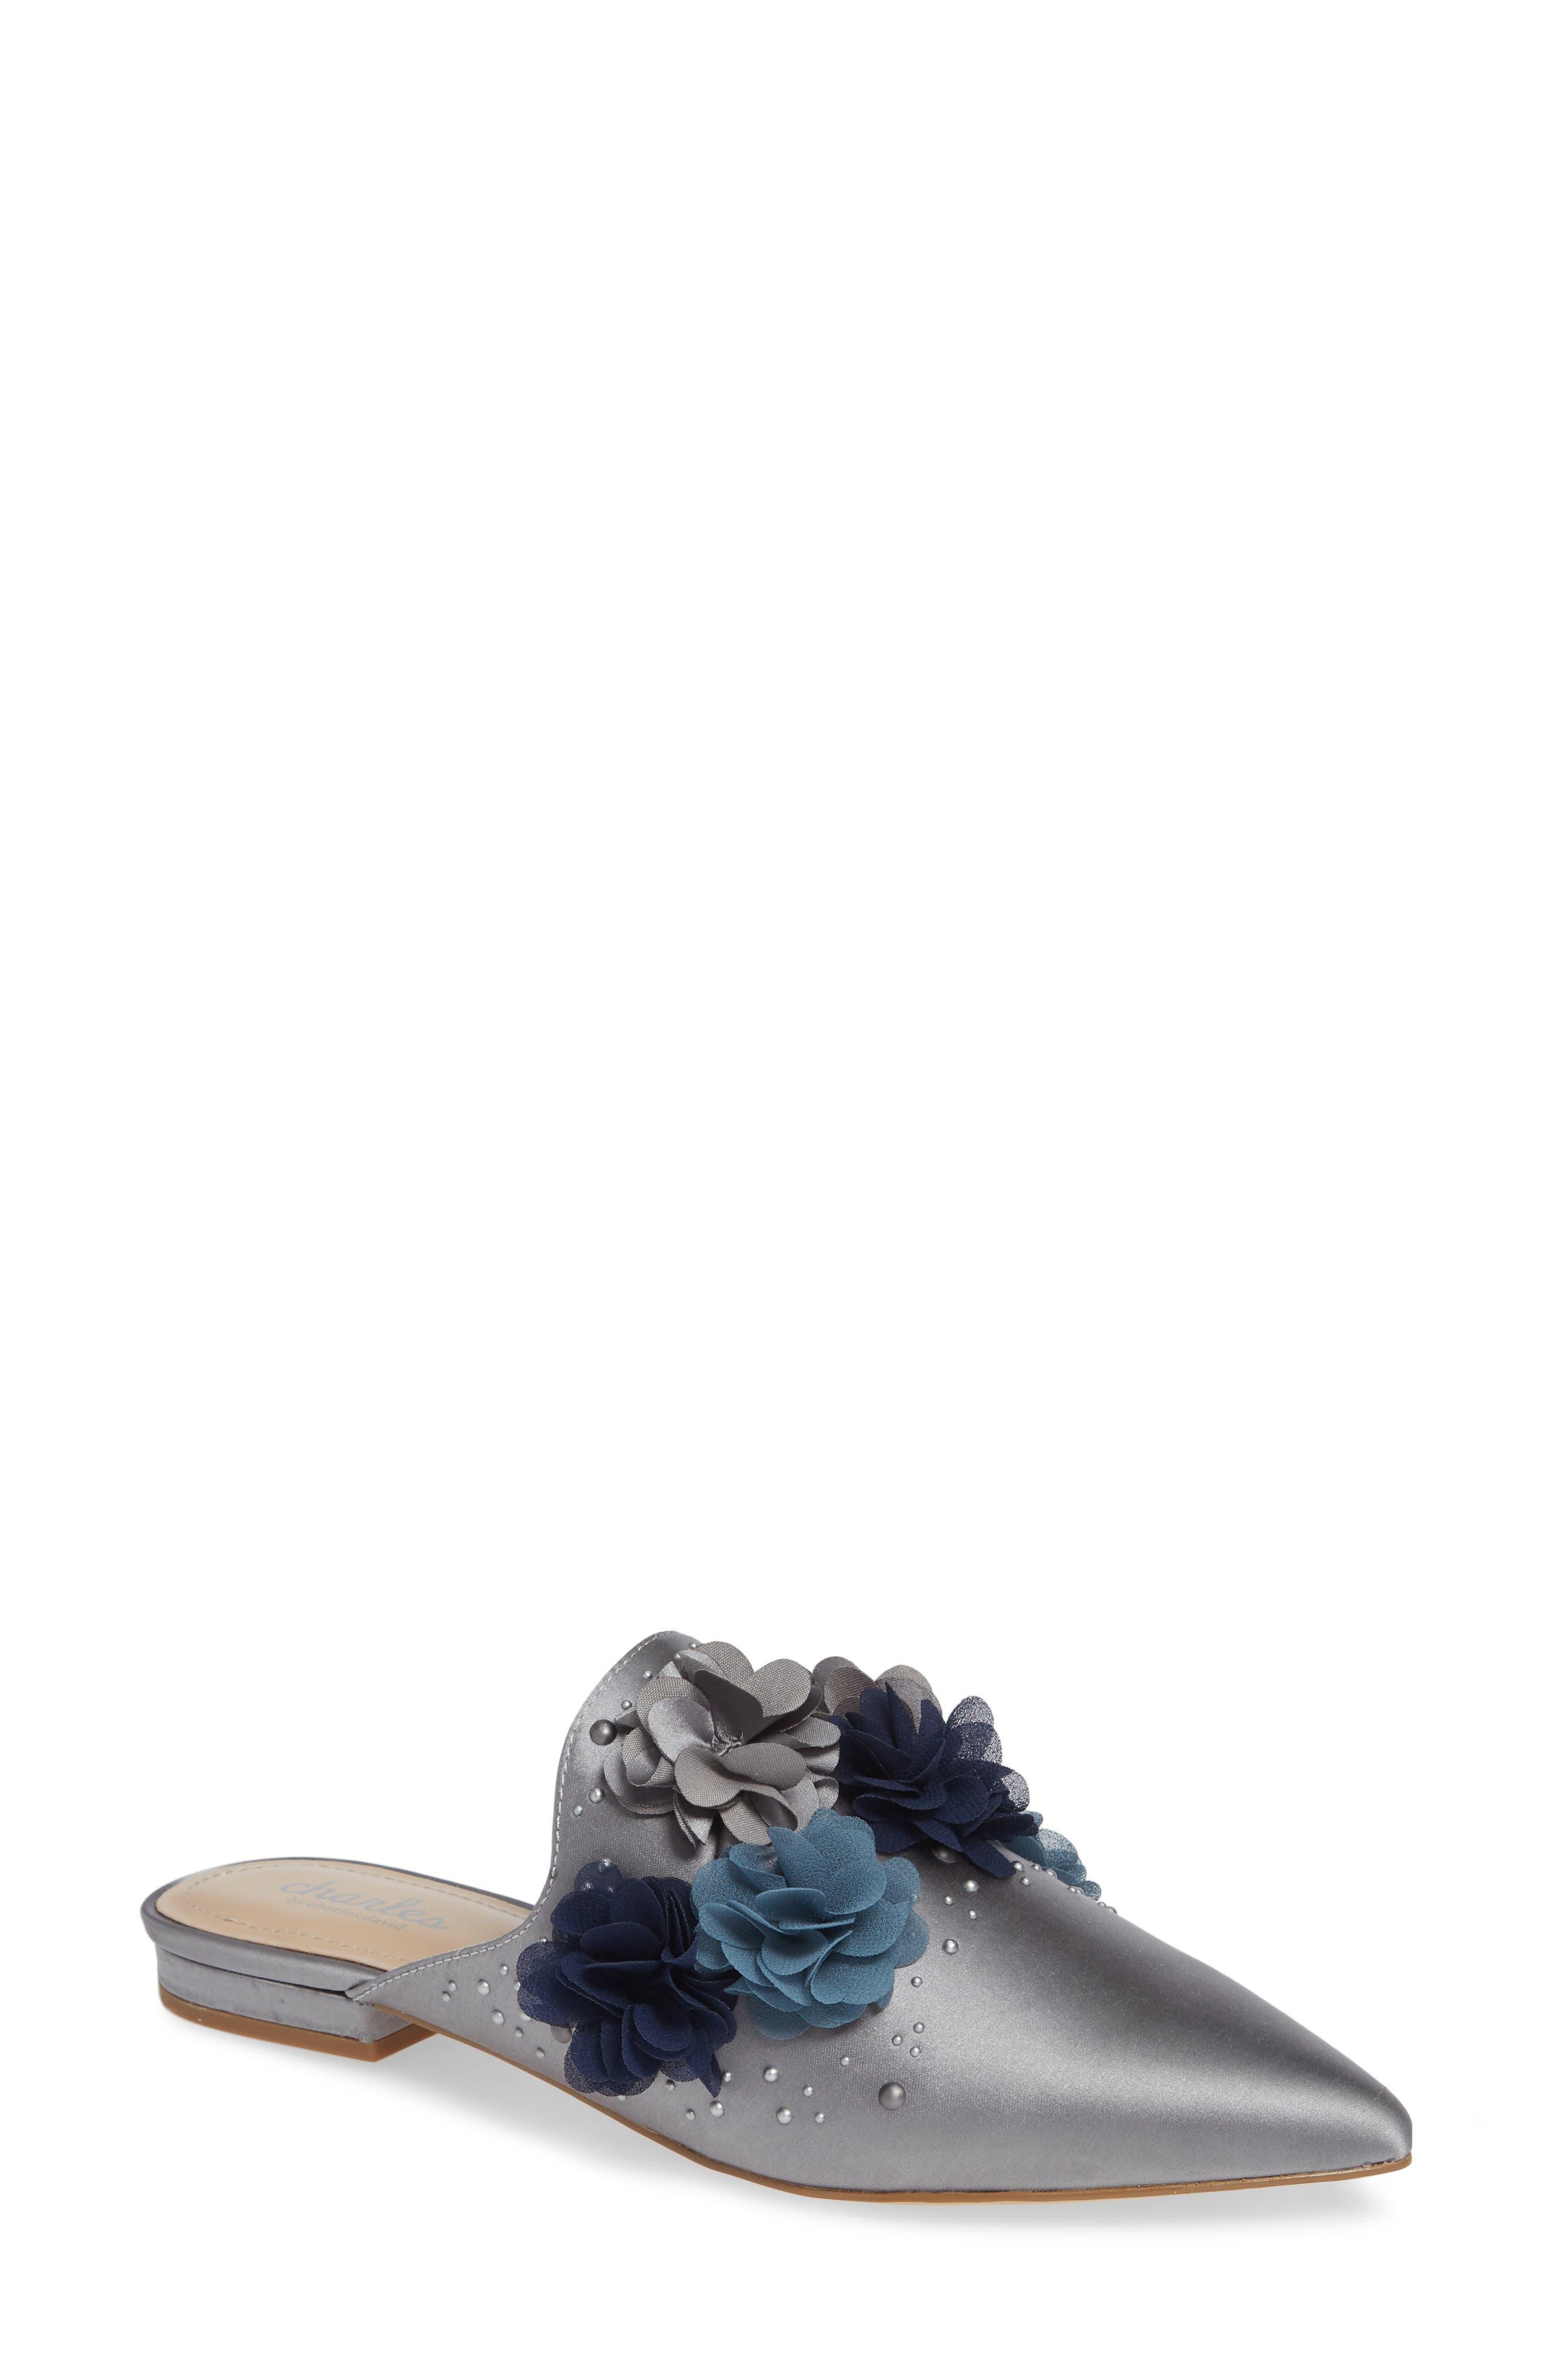 CHARLES BY CHARLES DAVID Wesley Flower Applique Satin Embellished Sandals in Blue